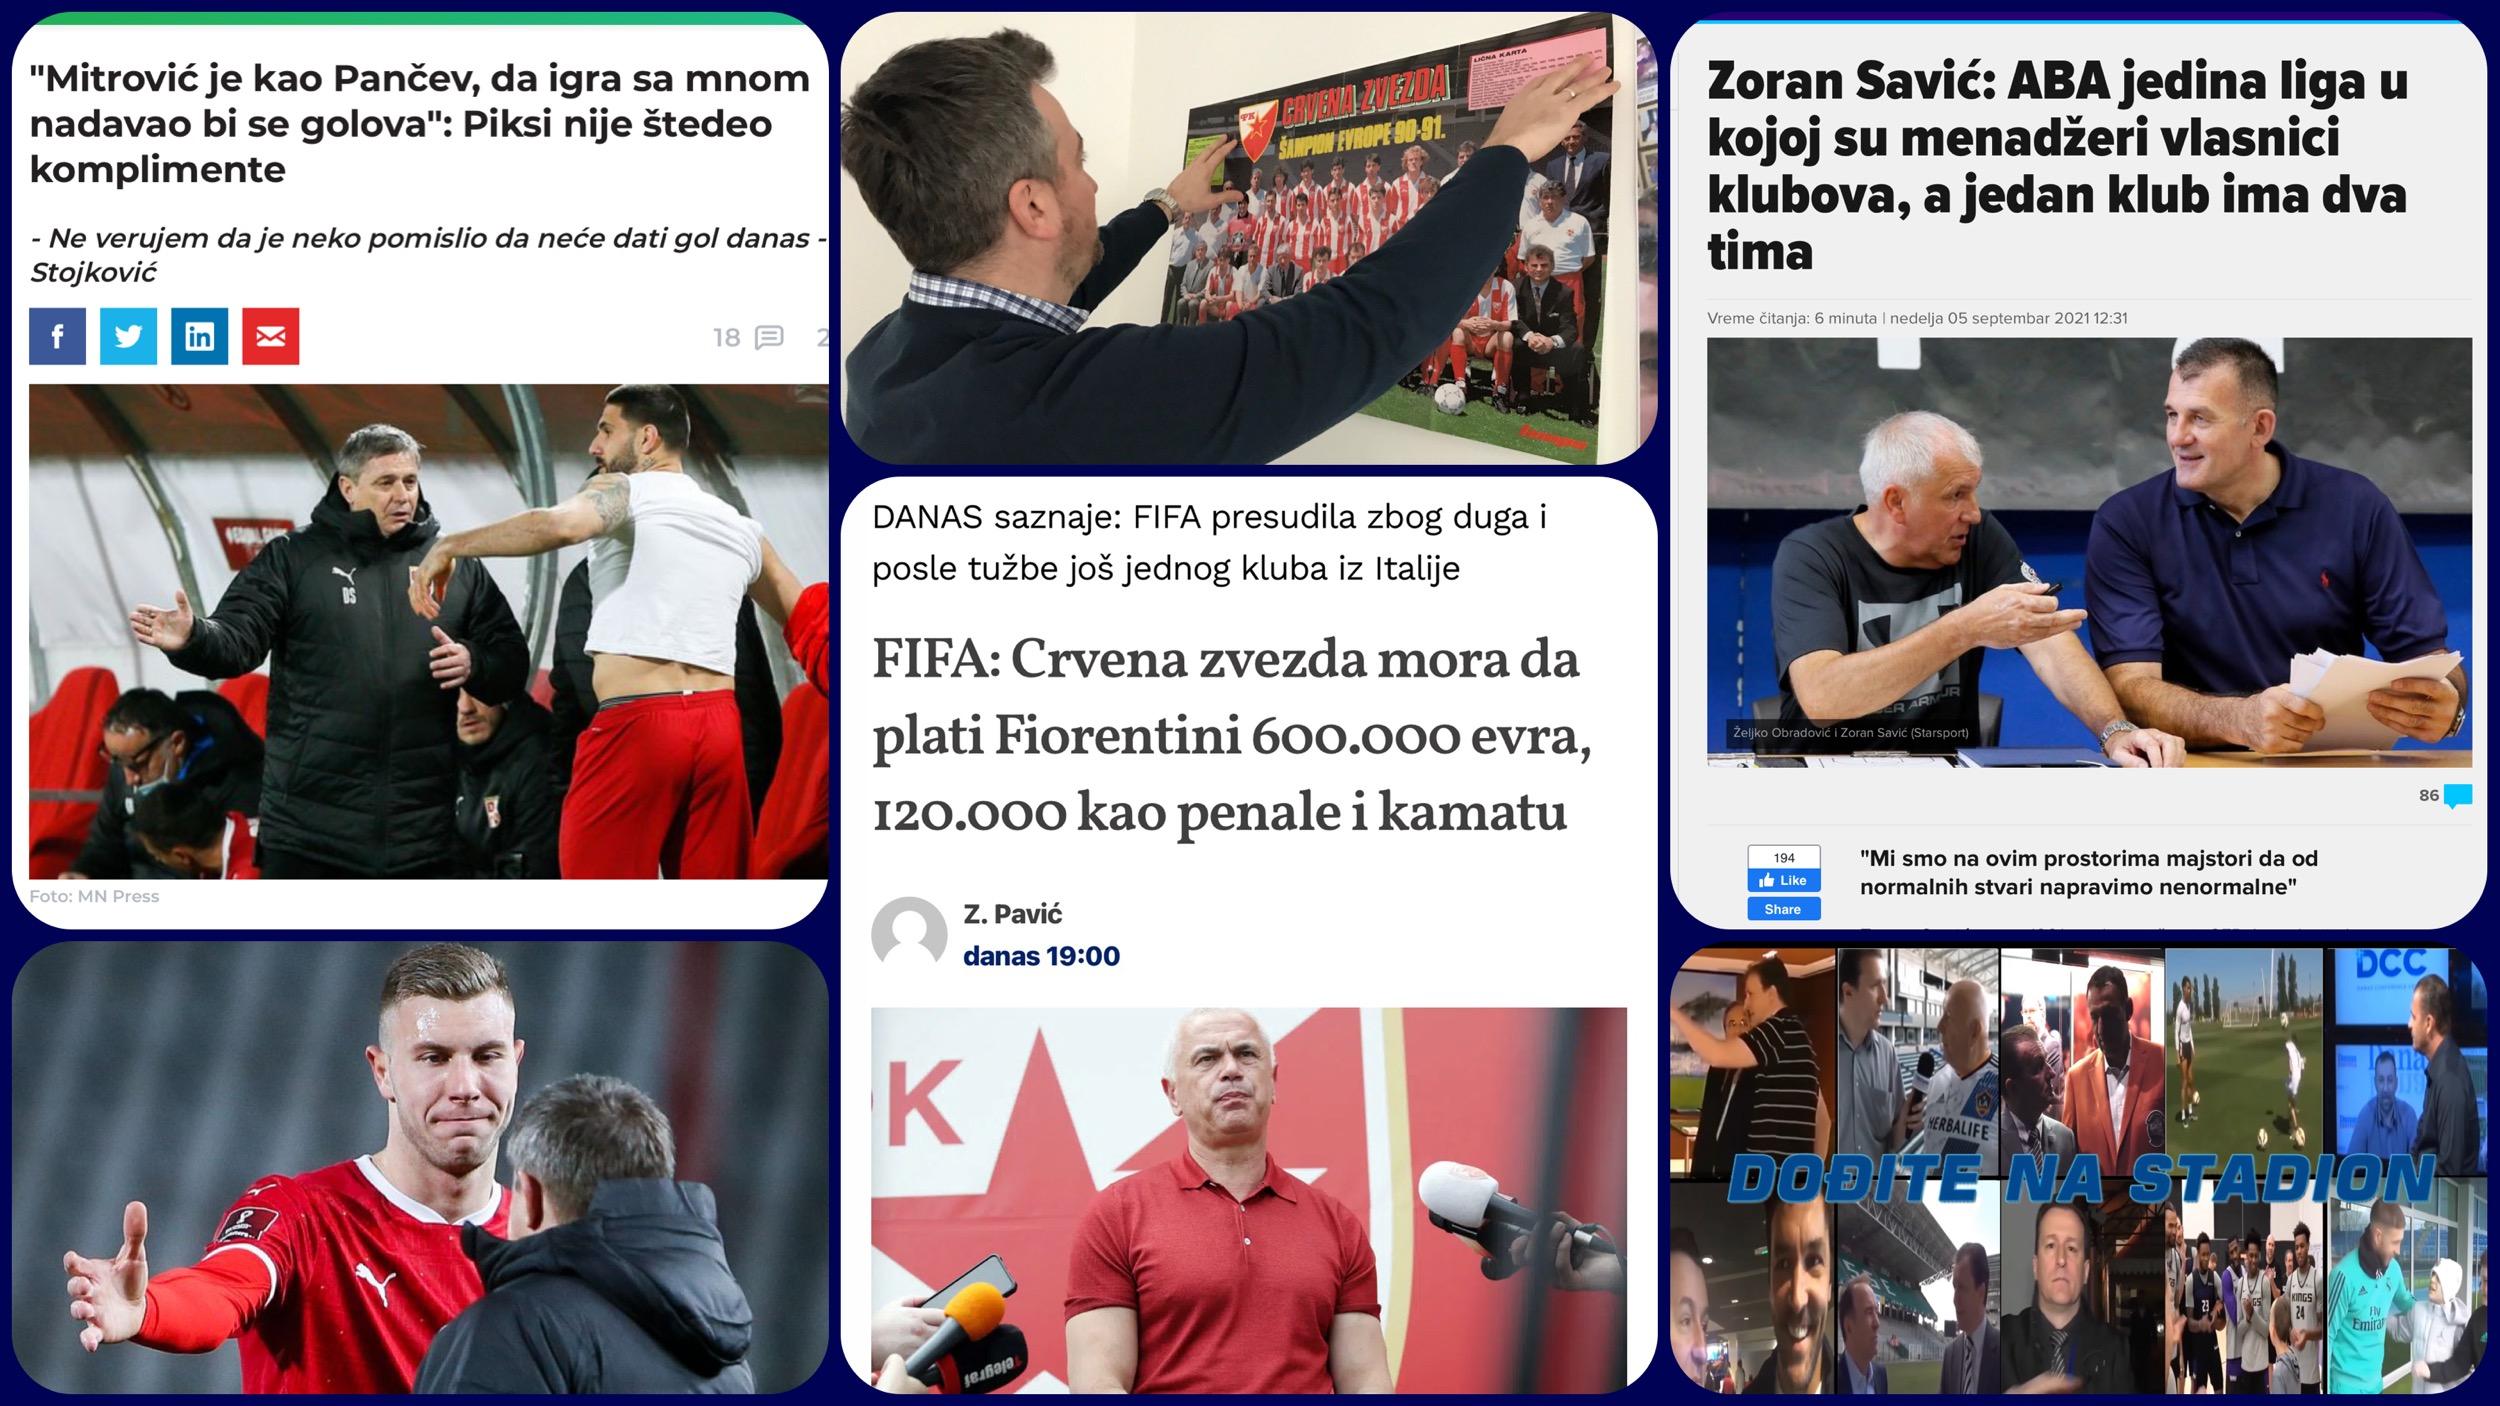 Željko Pantić: Dođite na stadion 457. Kostur iz ormara doktora Terzića i Piksijeva zelena grana…(VIDEO)